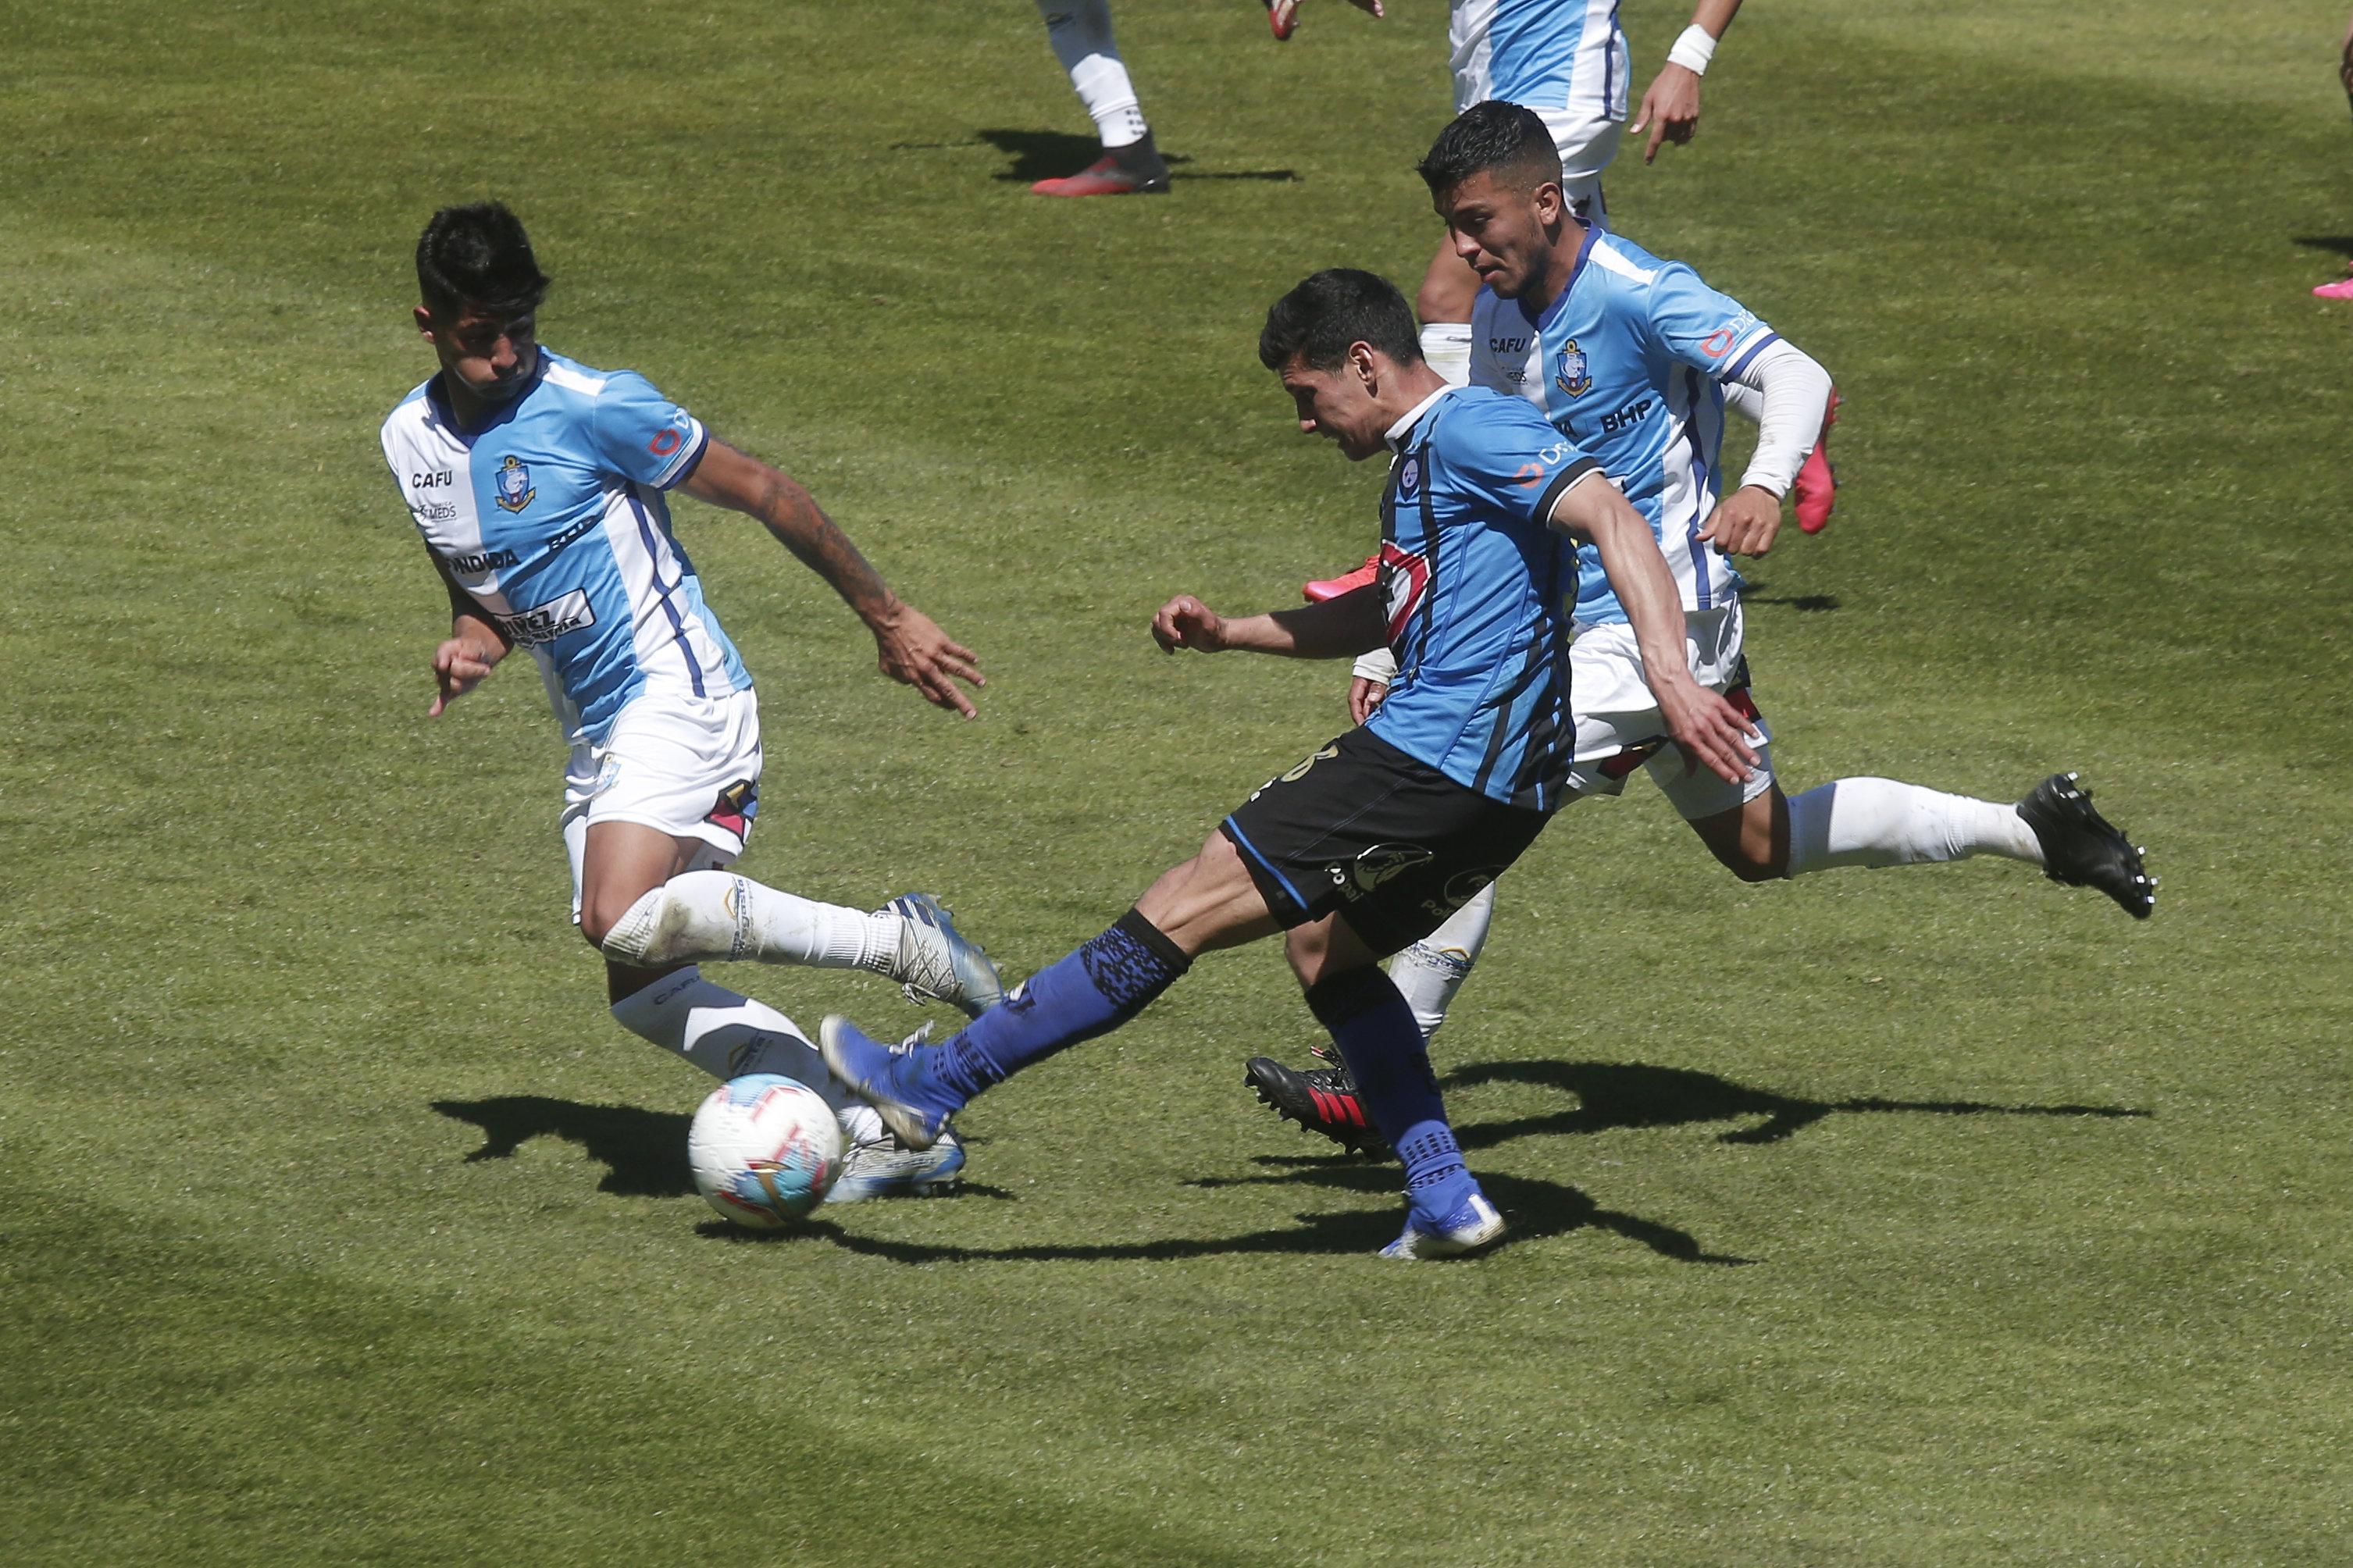 Copa Sudamericana: Deportes Antofagasta - Huachipato y Cobresal - Palestino tienen árbitros definidos con Felipe González y Nicolás Gamboa   RedGol